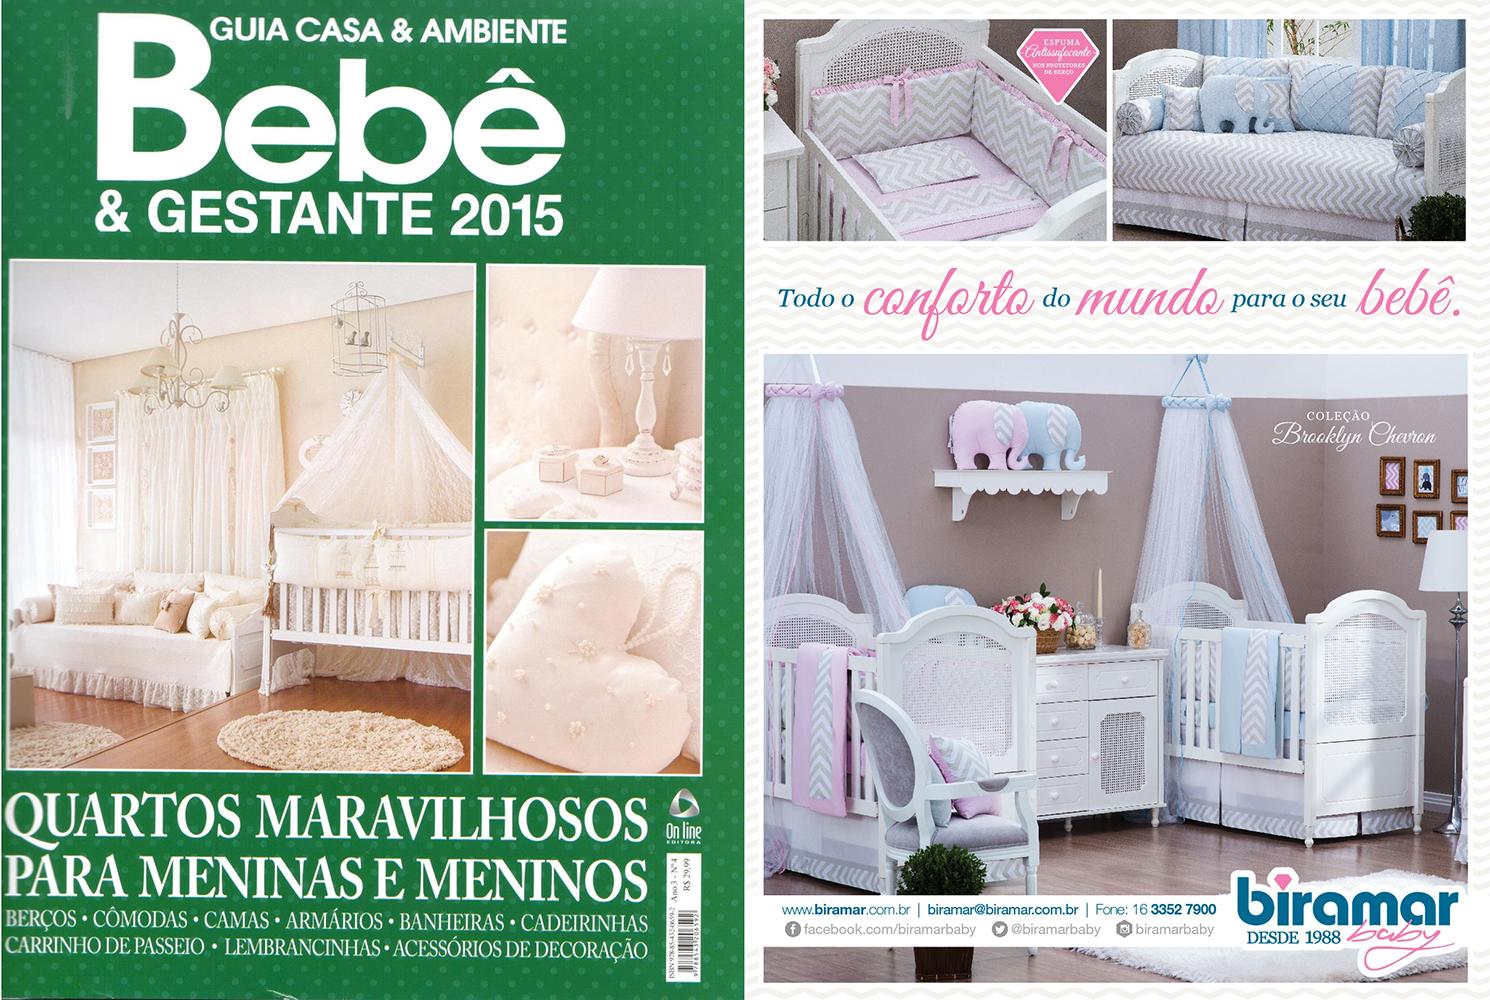 Anuário Guia Casa & Ambiente Bebê 2015 (2)_baixa